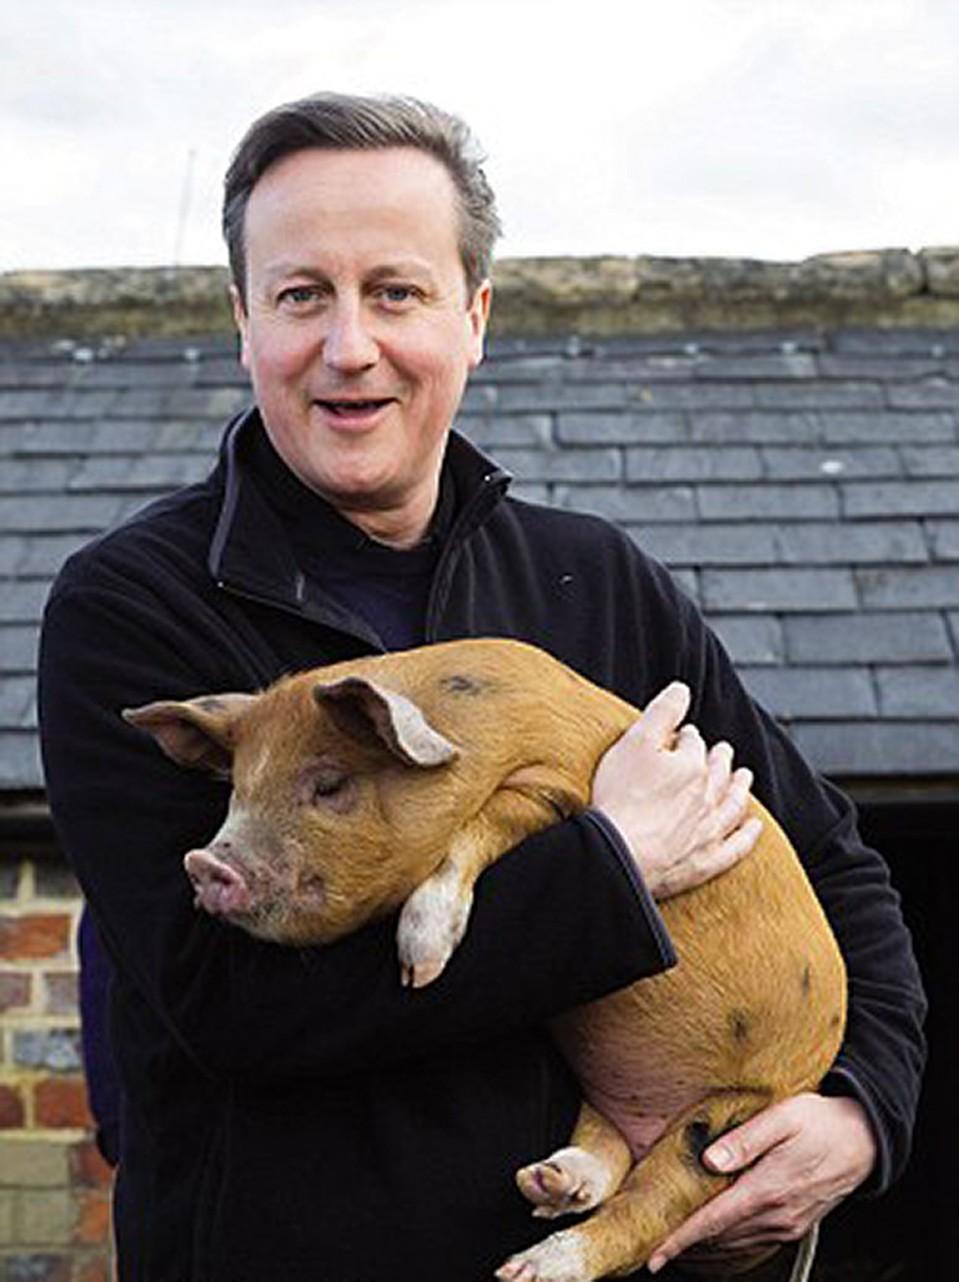 поддержать парень свинья картинки ещё видим, выходя